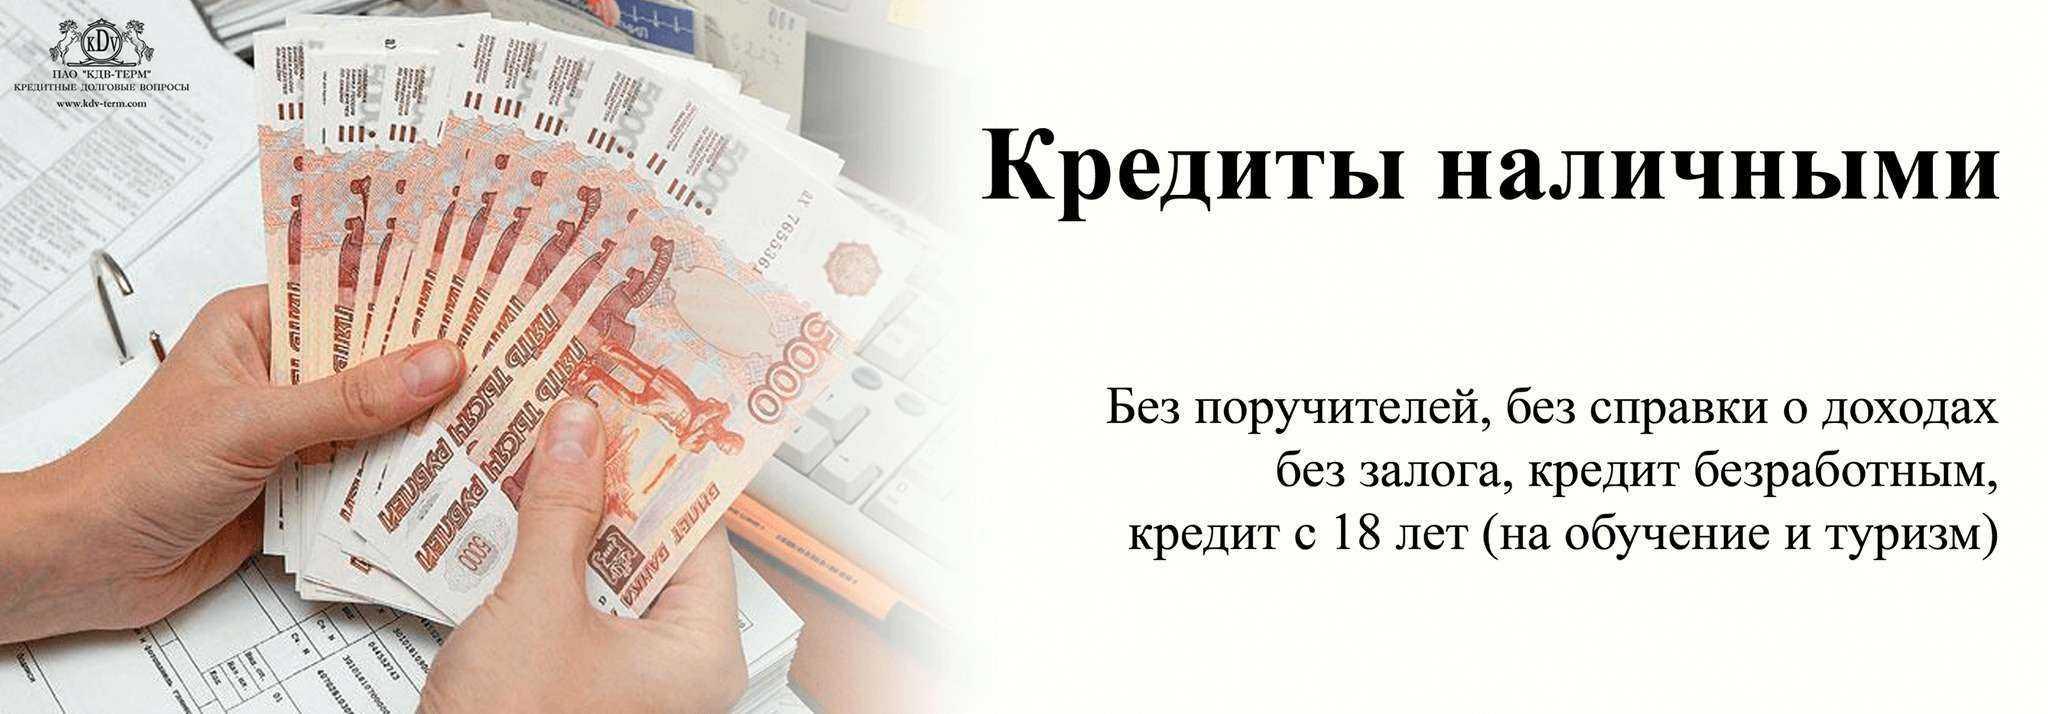 взять кредит наличными быстро без справок и без отказа в москве 500000